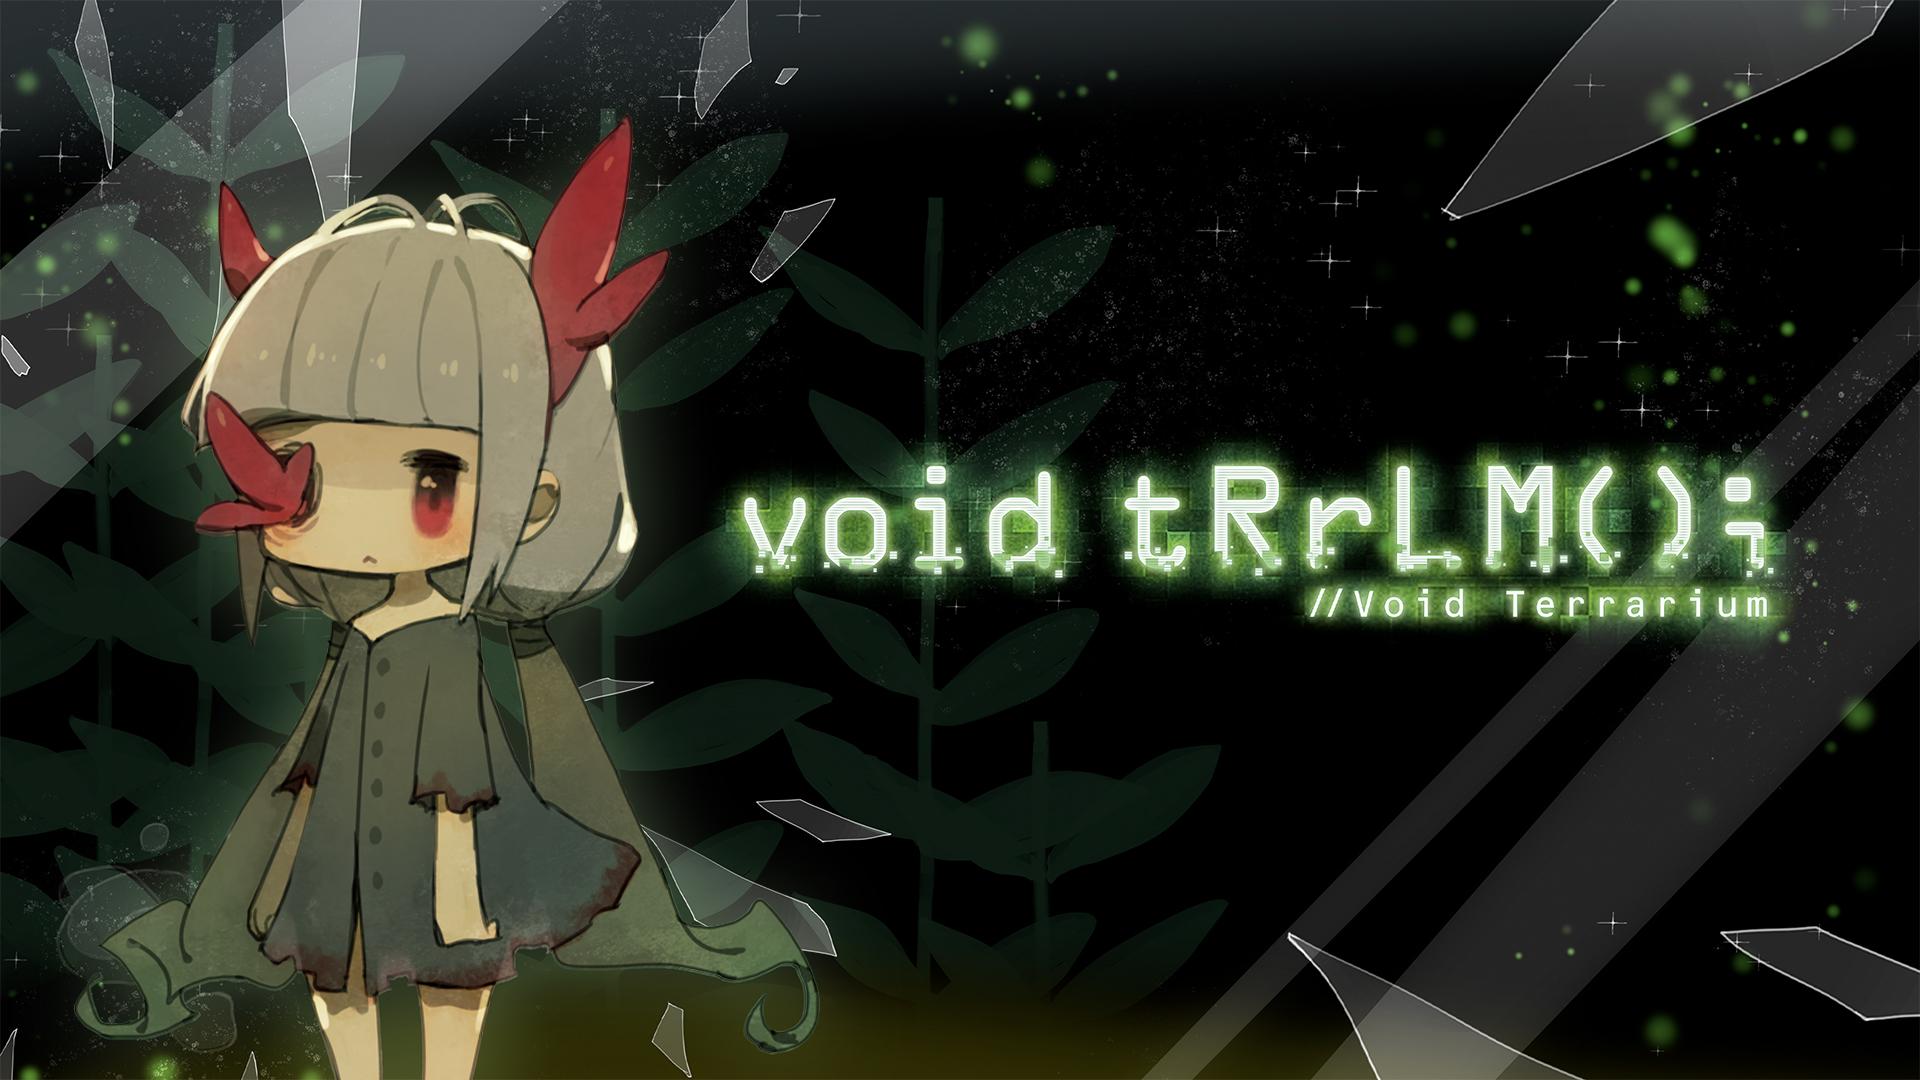 void tRrLM(); //Void Terrarium - Recensione